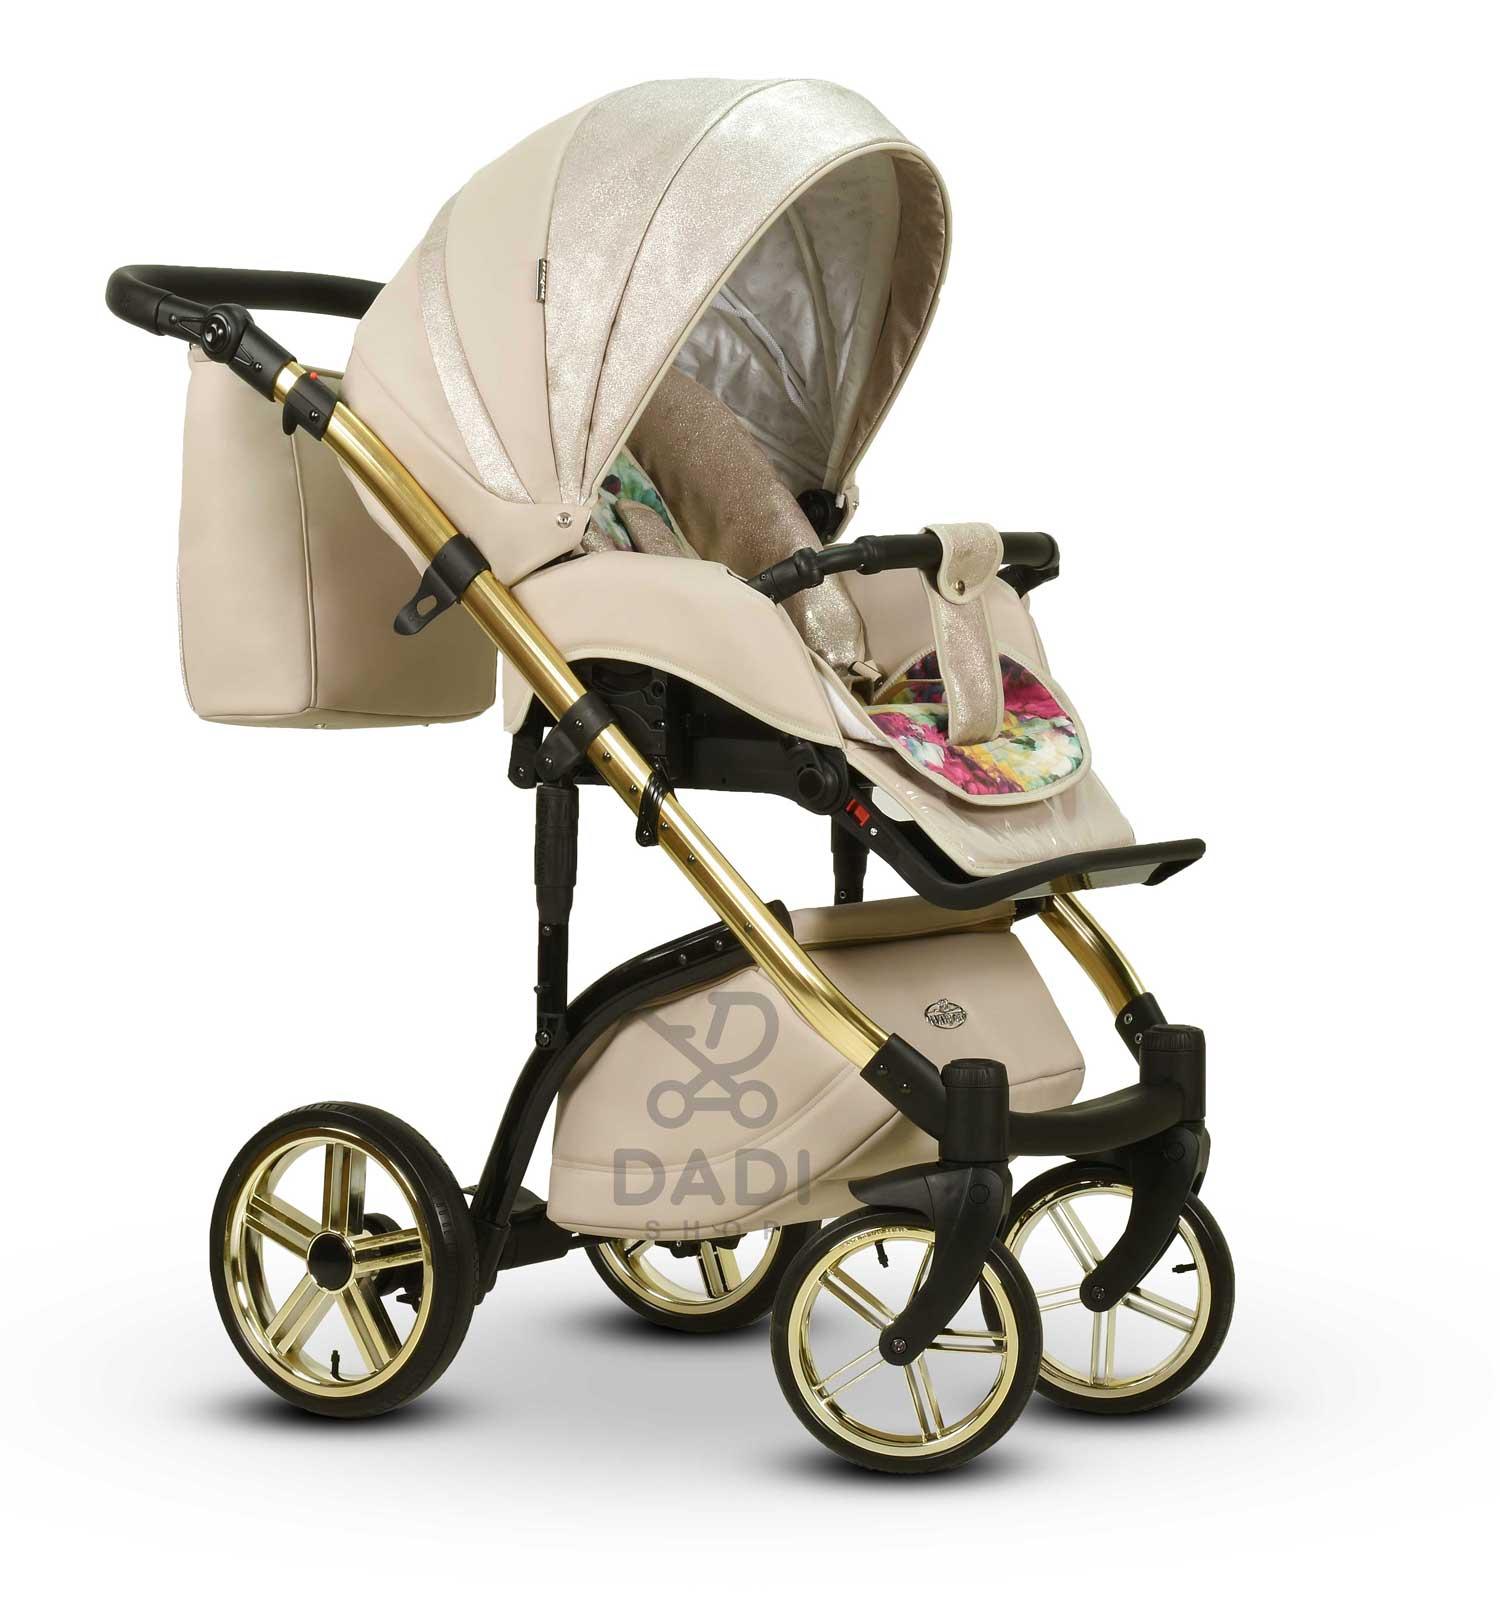 wózek Moloka Duo dziecięcy wielofunkcyjny Wiejar spacerówka